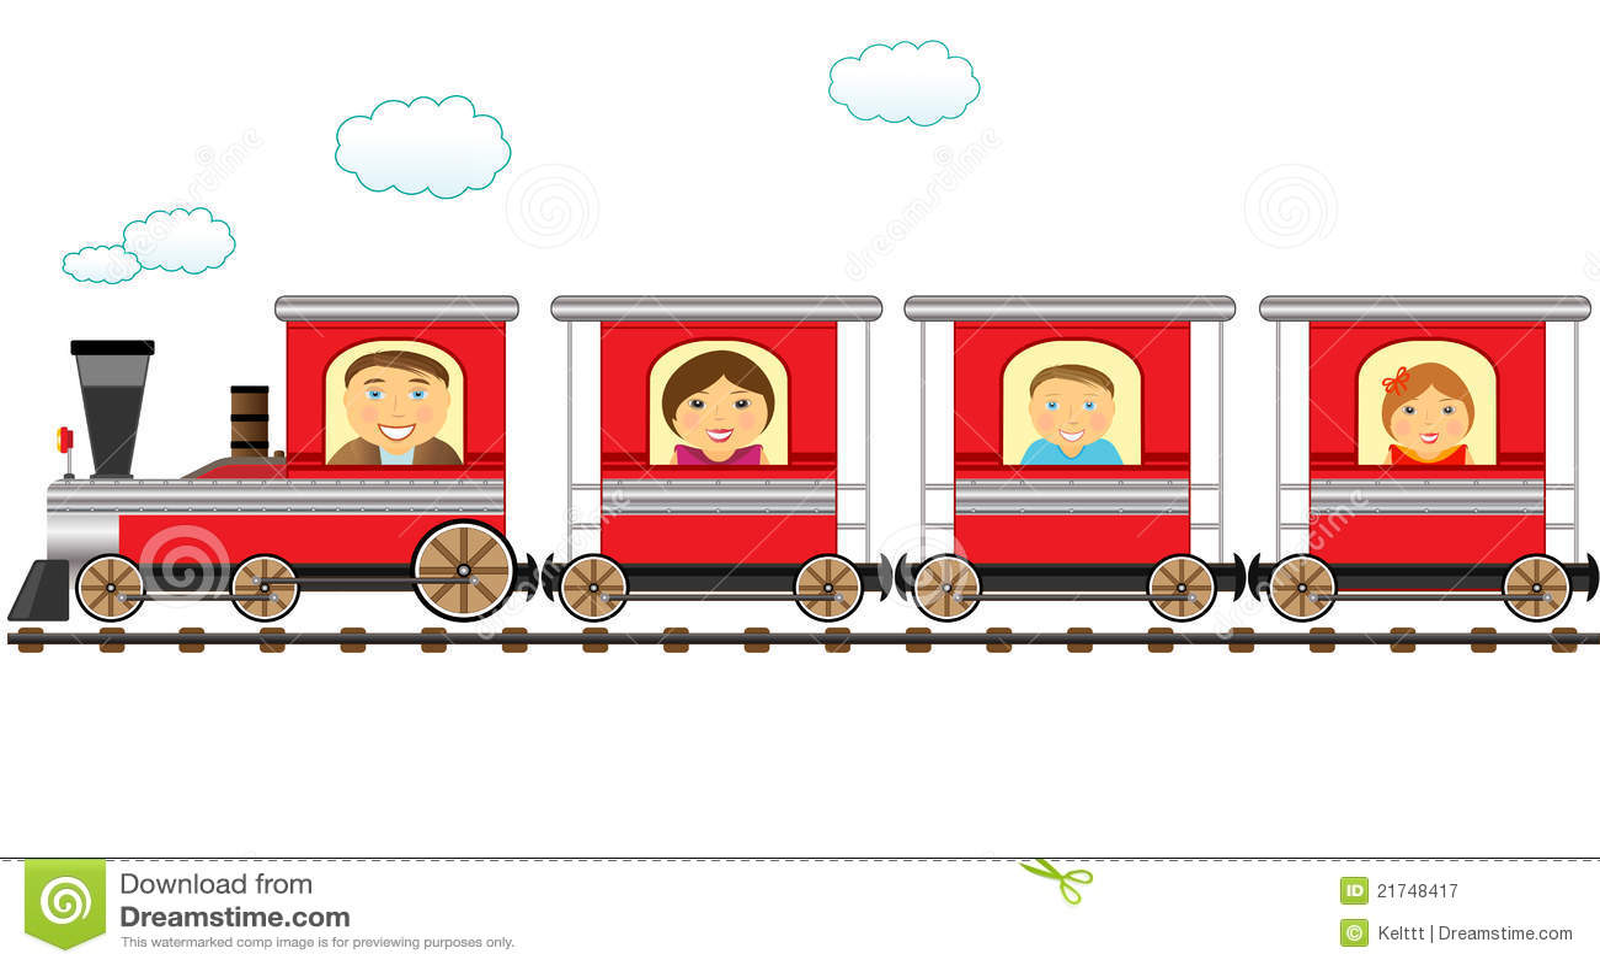 Картинка анимация поезда с вагонами для детей, елены райчик